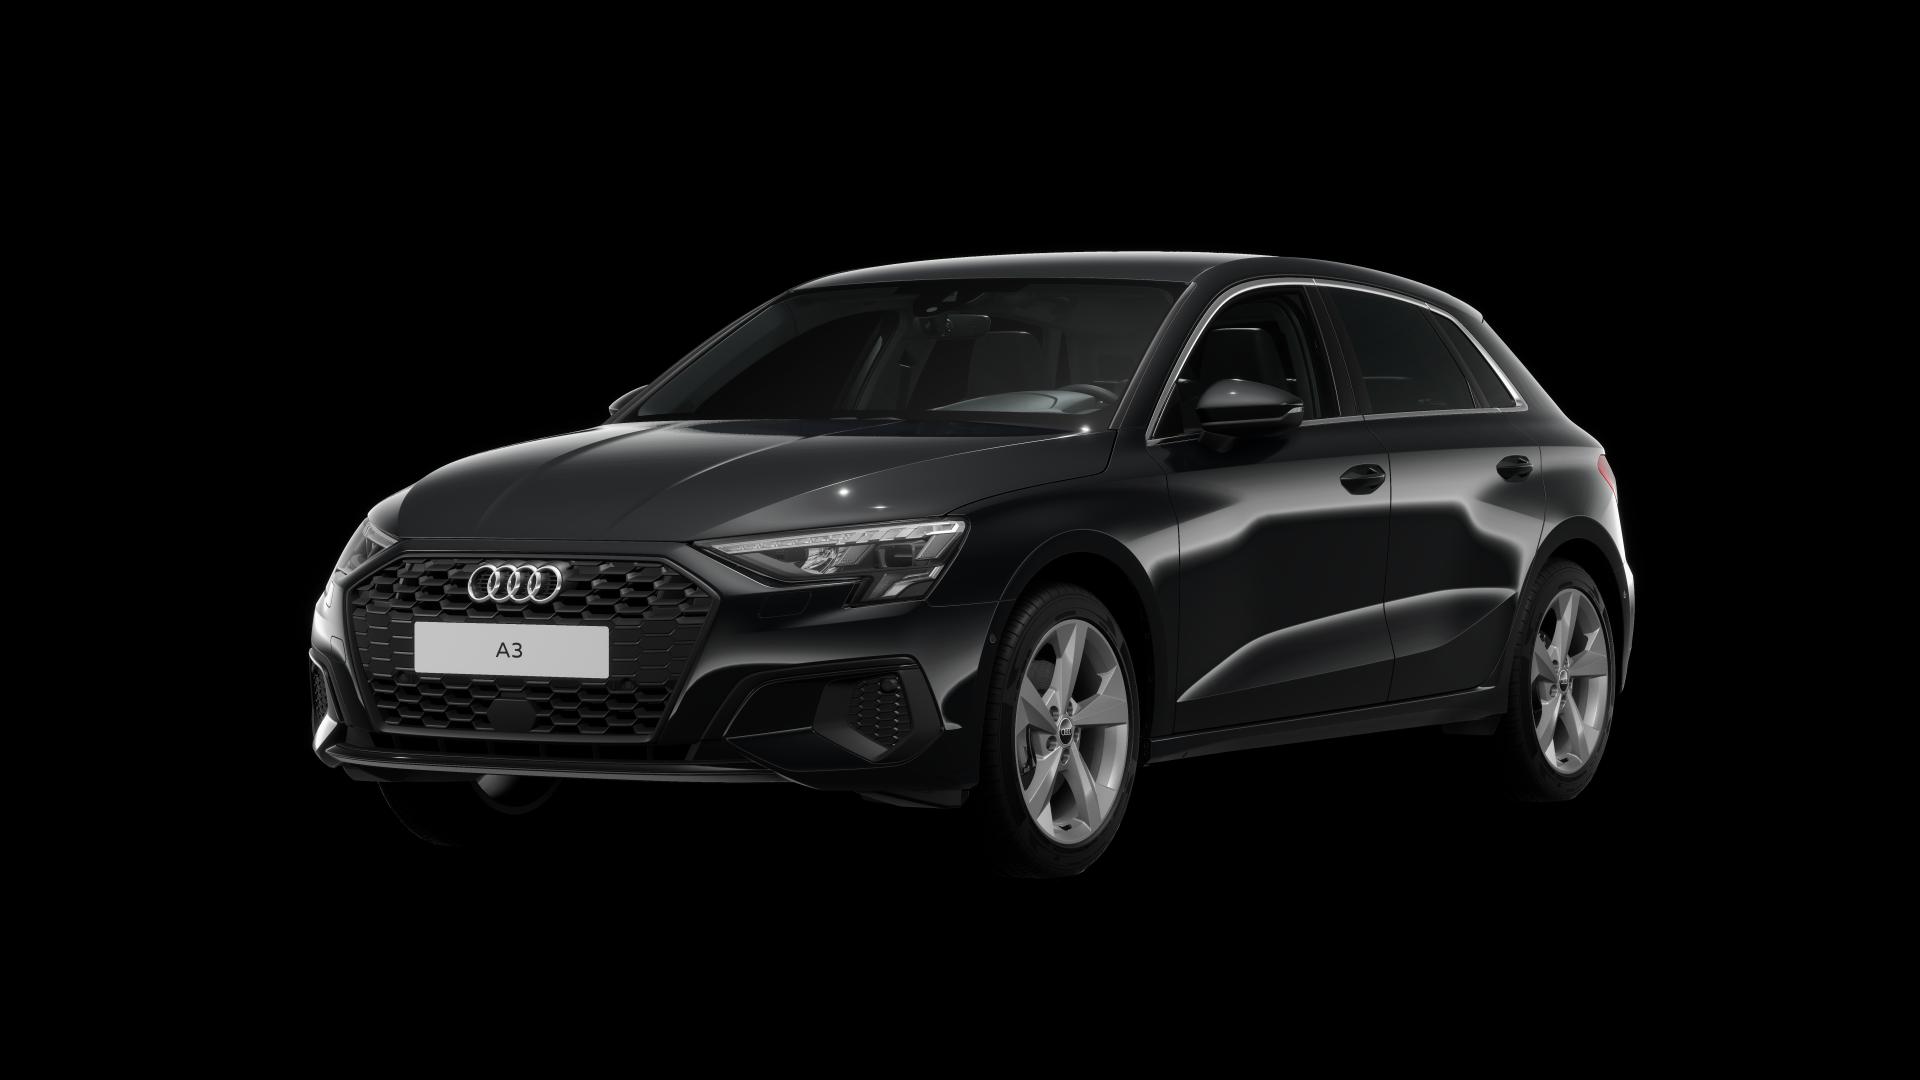 Audi A3 Sportback  30 TFSI  81(110) kW(pk) S tronic